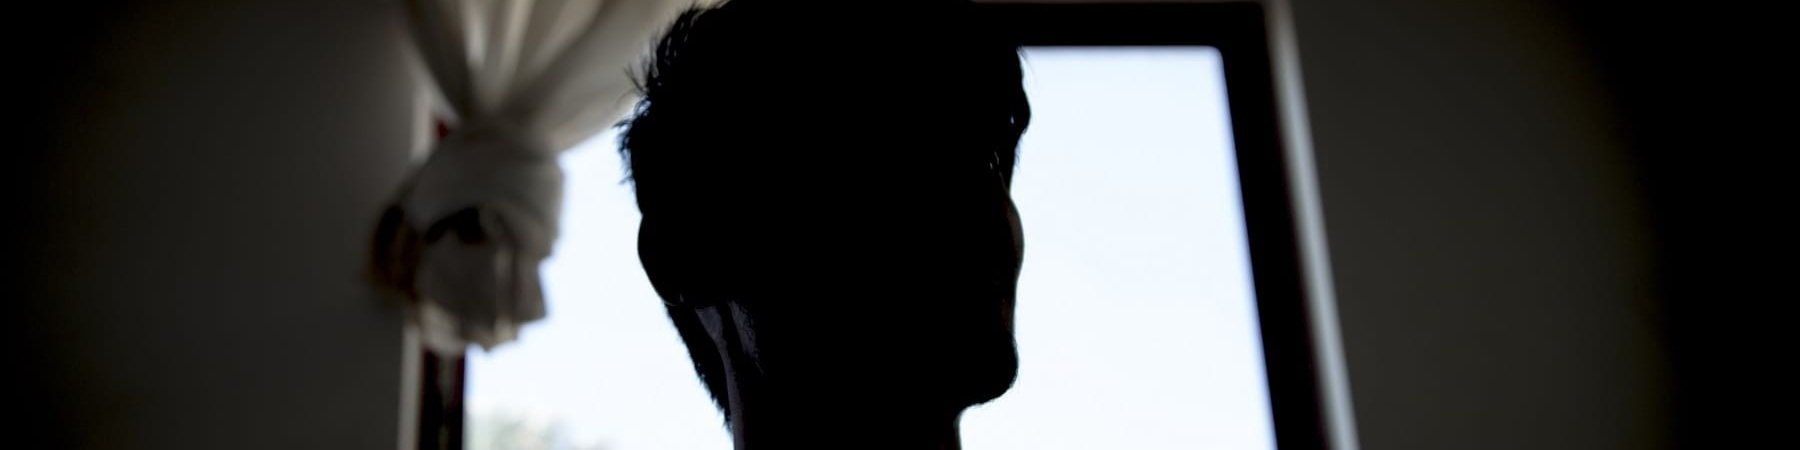 primo piano del profilo di un ragazzo quindicenne nell ombra